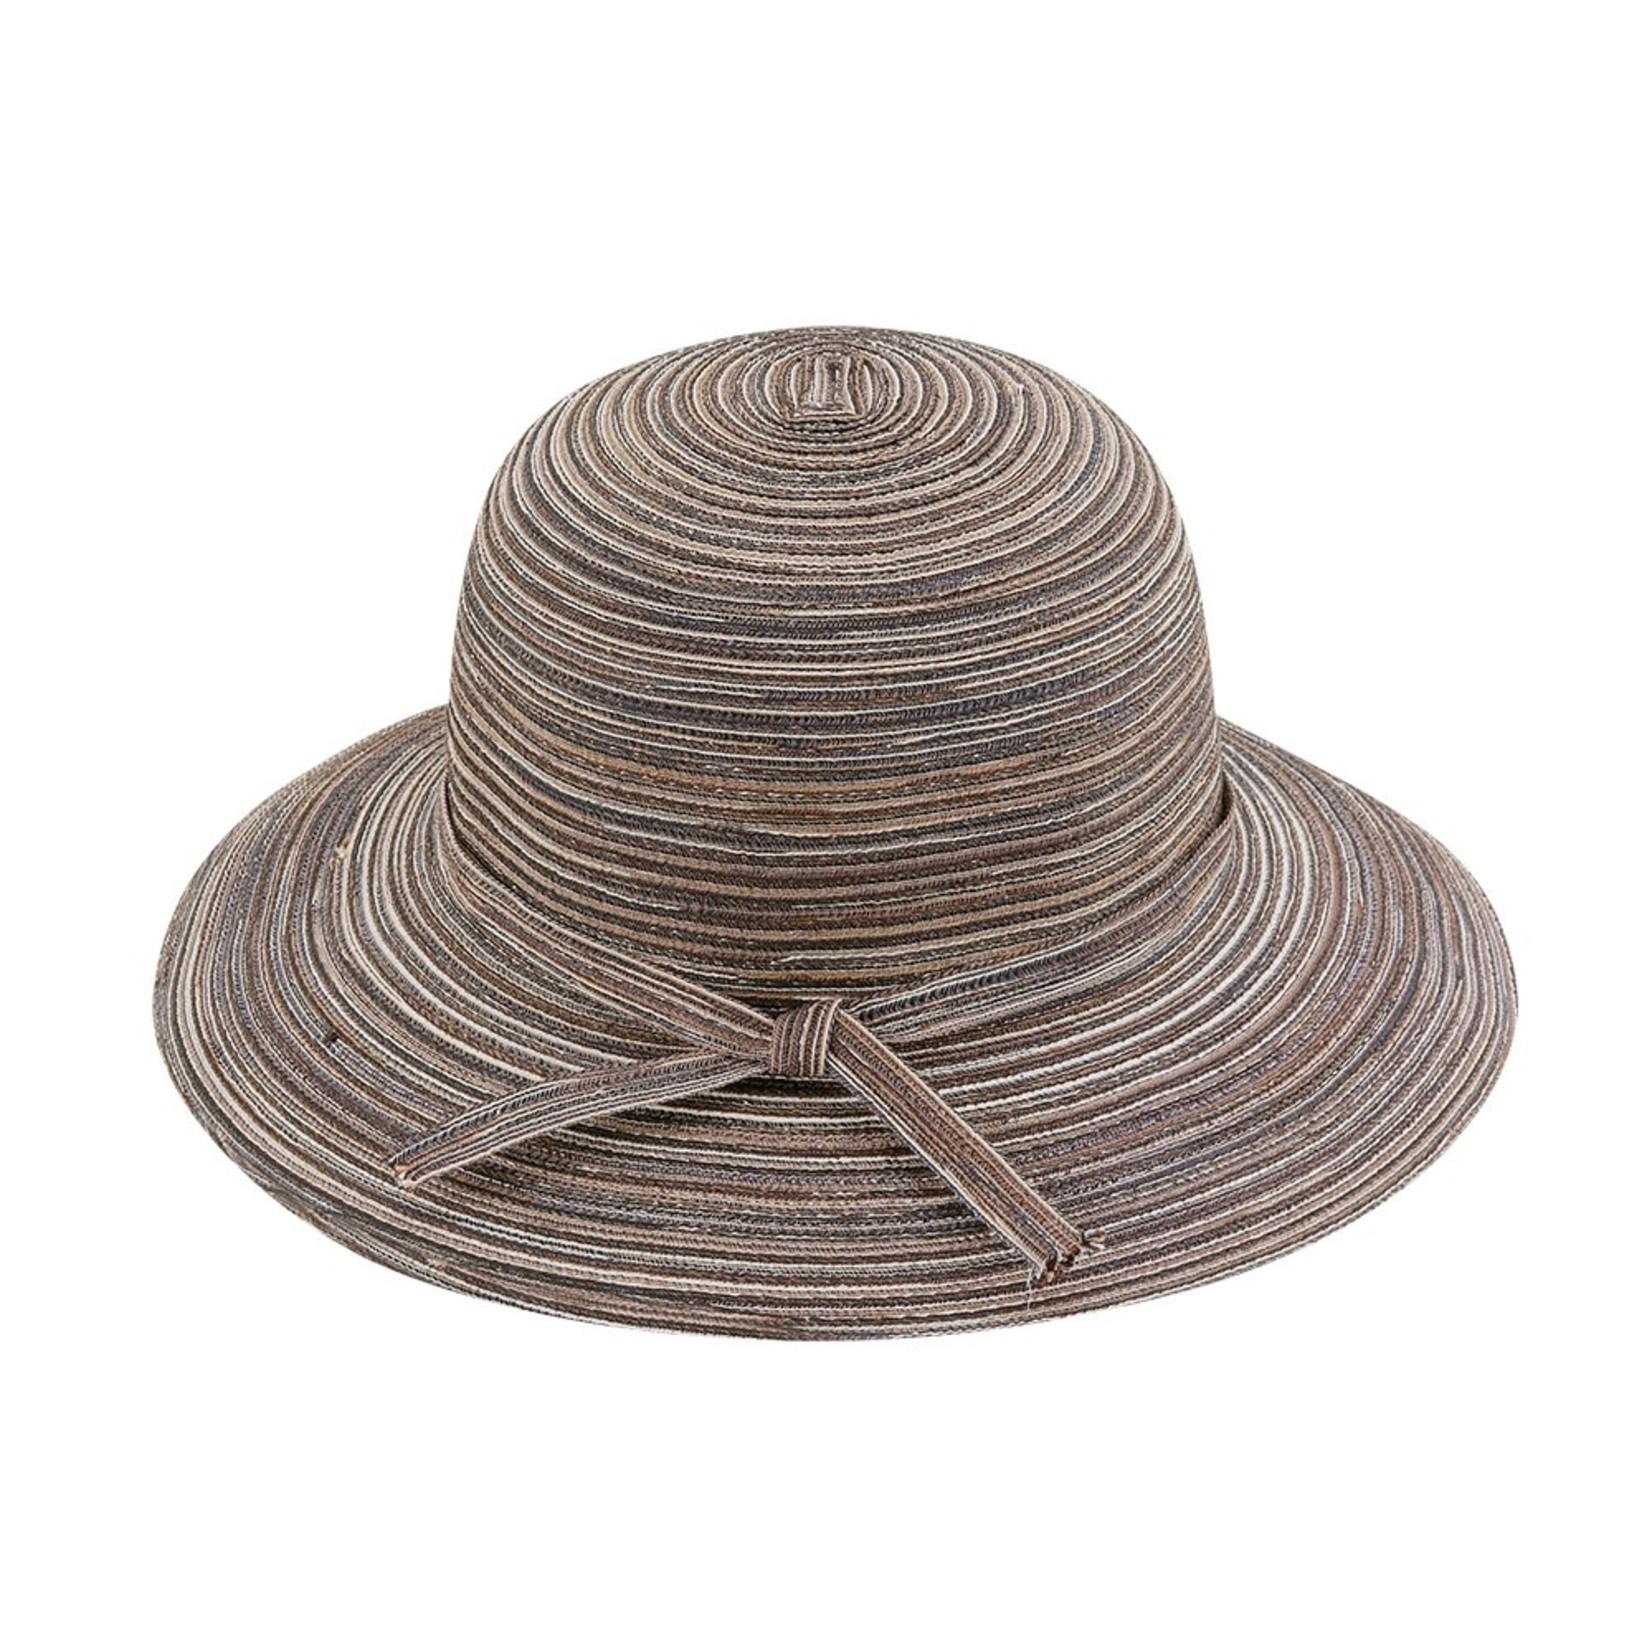 Jeanne Simmons Brown Bucket Brim Hat w/ Self Tie